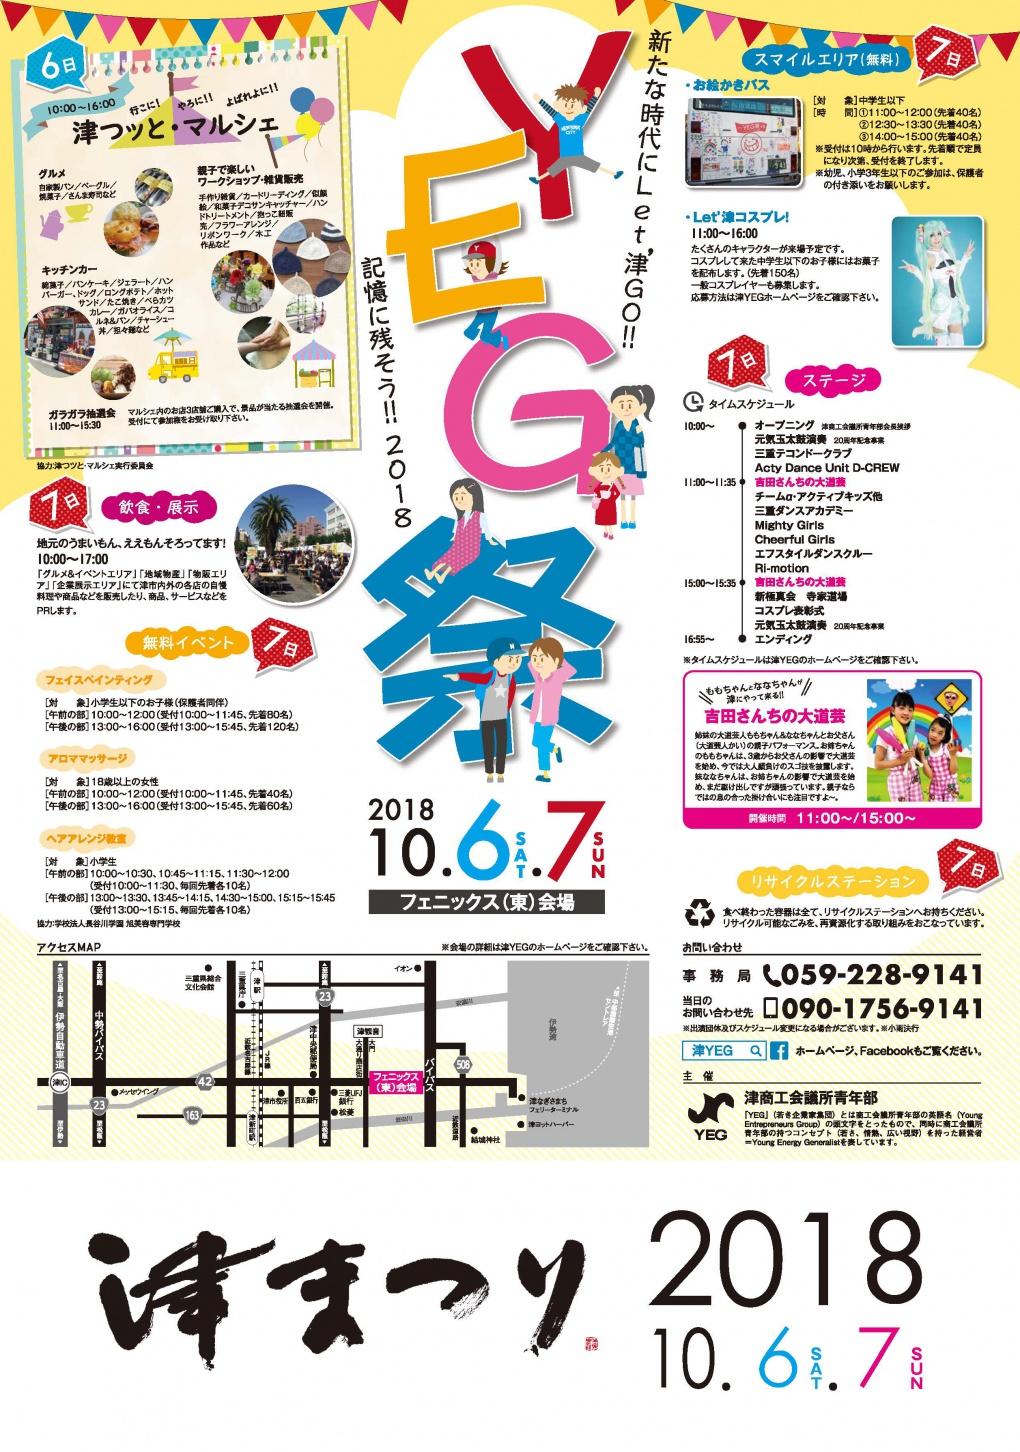 津まつりYEG祭